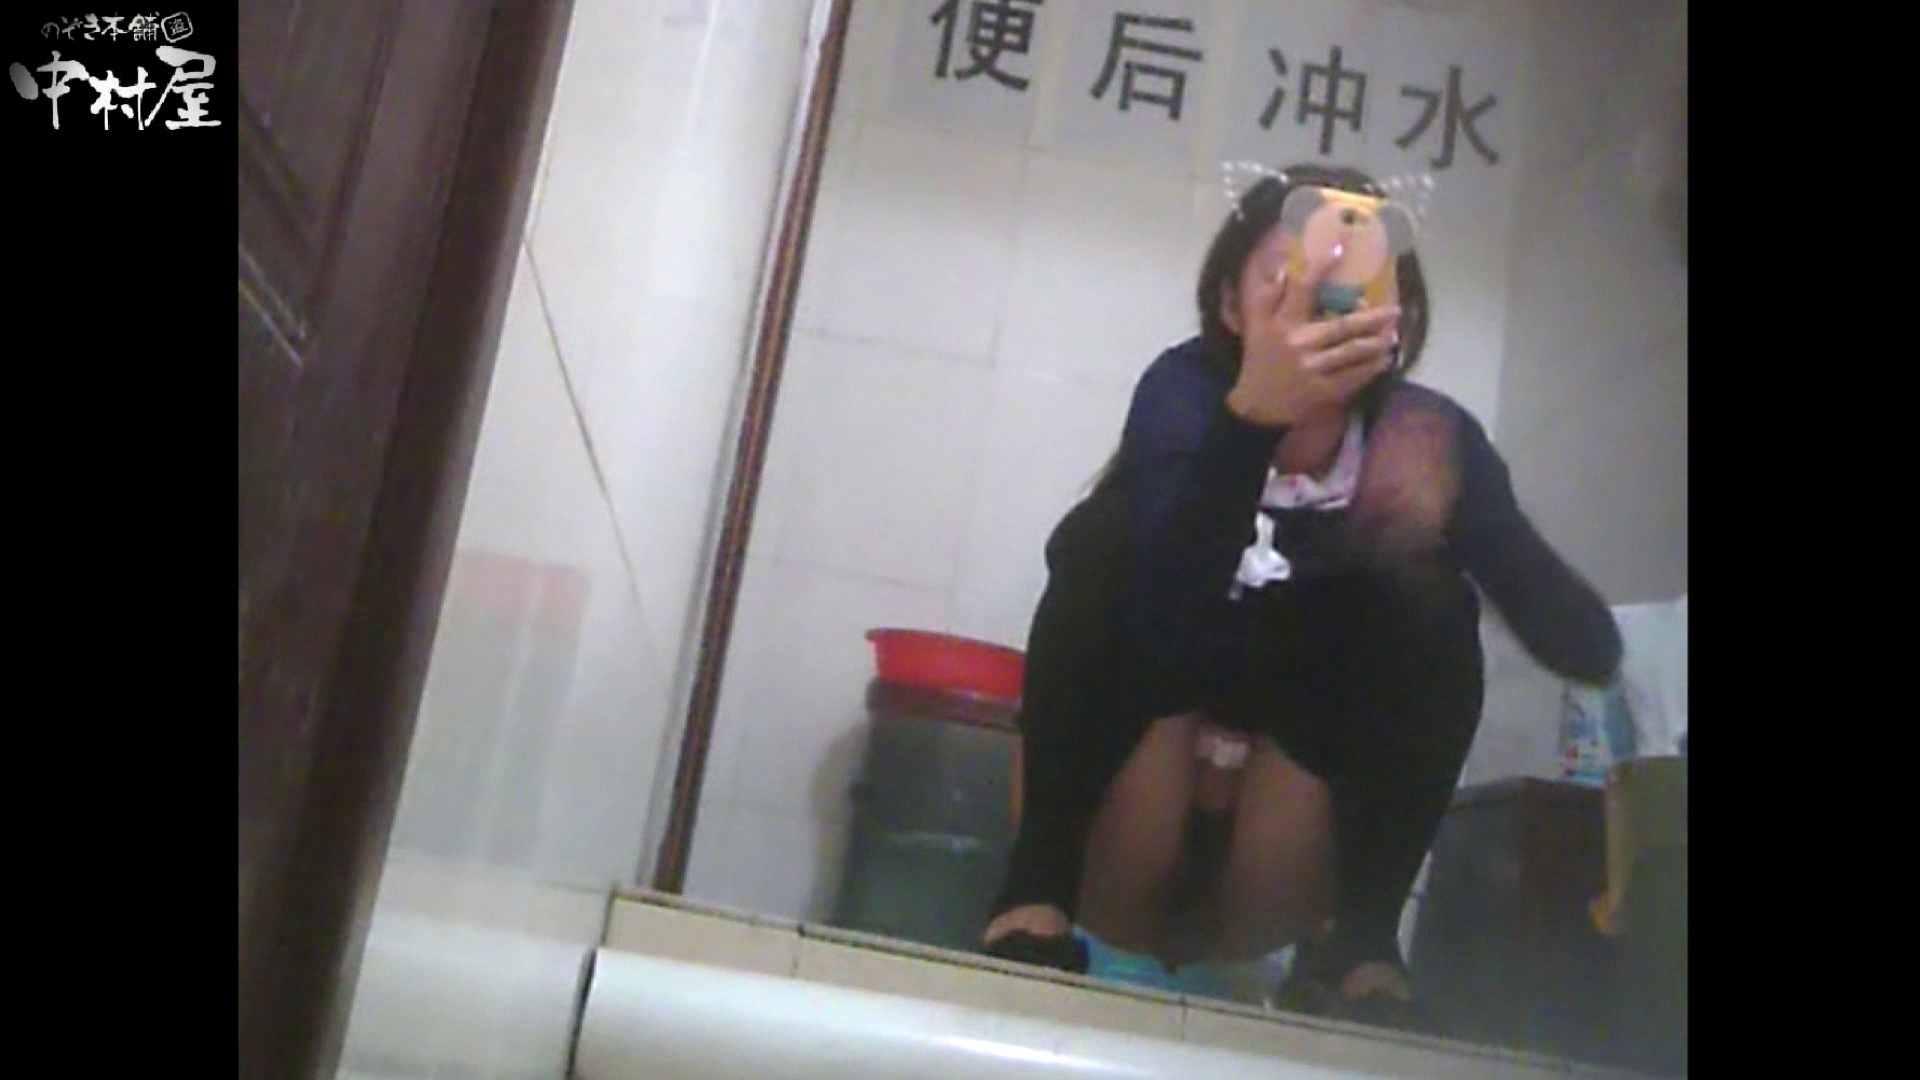 李さんの盗撮日記 Vol.10 エロいギャル   トイレの中まで  11枚 9